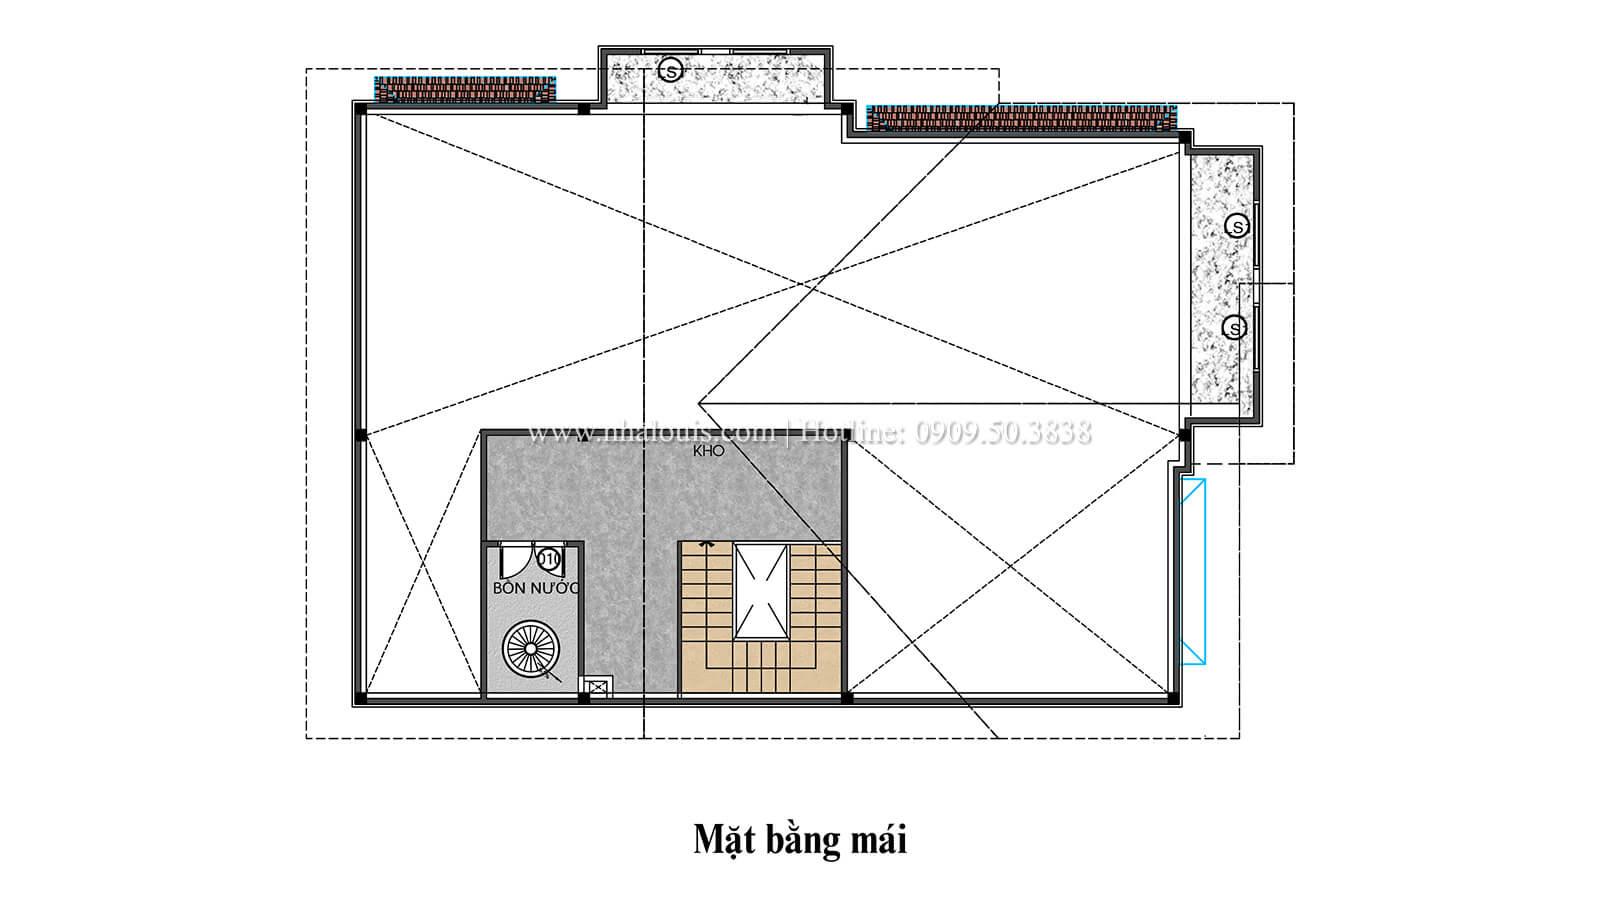 Mặt bằng tầng mái Biệt thự 1 trệt 1 lầu phong cách hiện đại 45